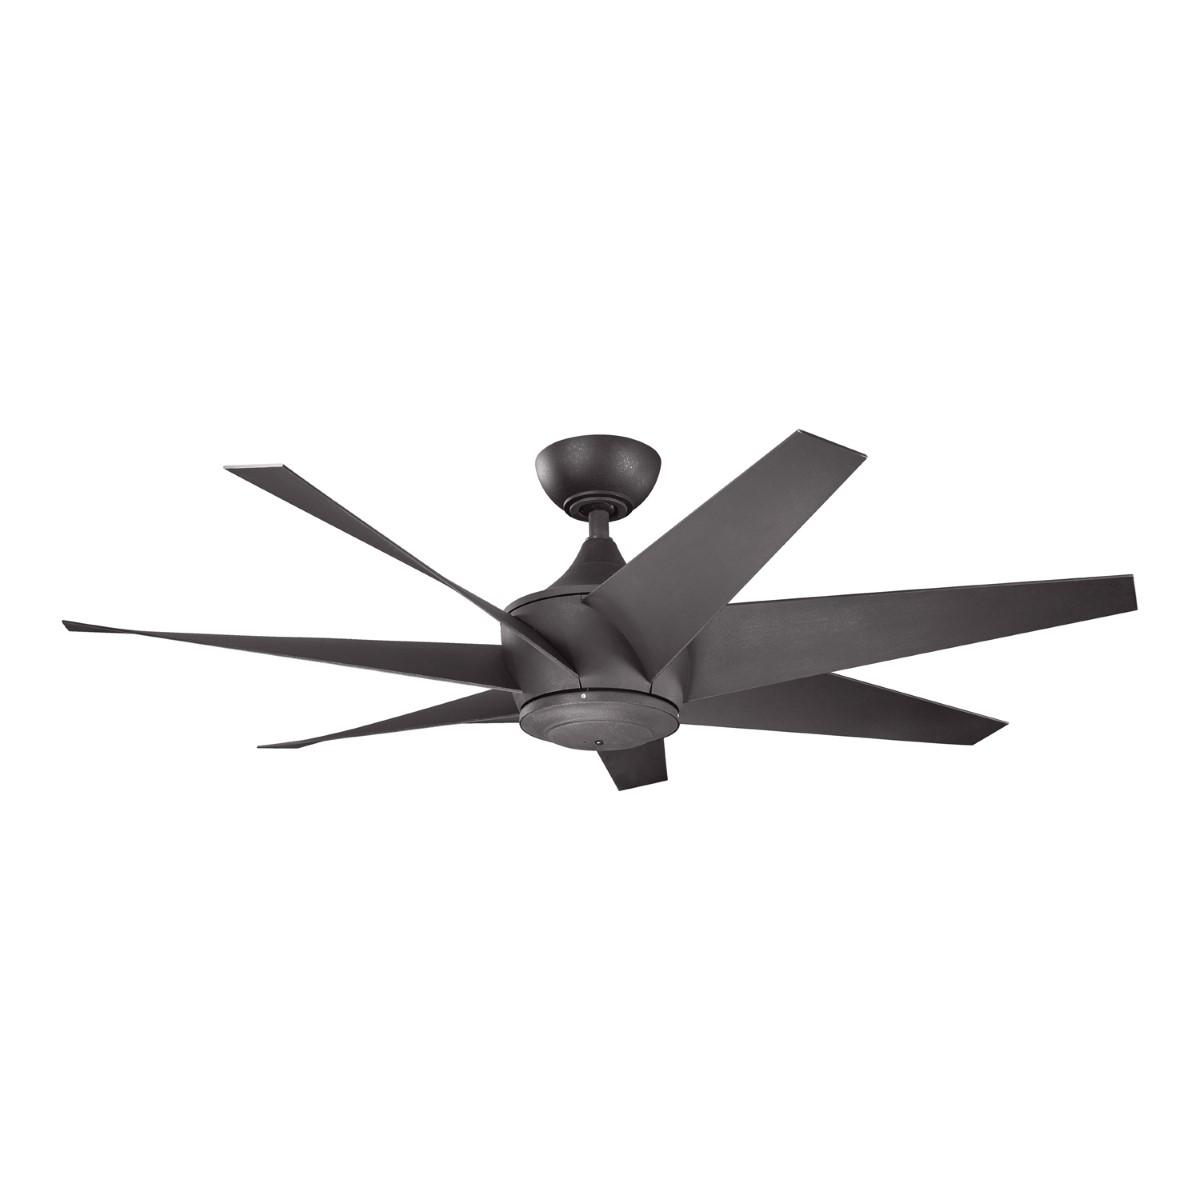 Kichler Lehr II Black Ceiling Fan